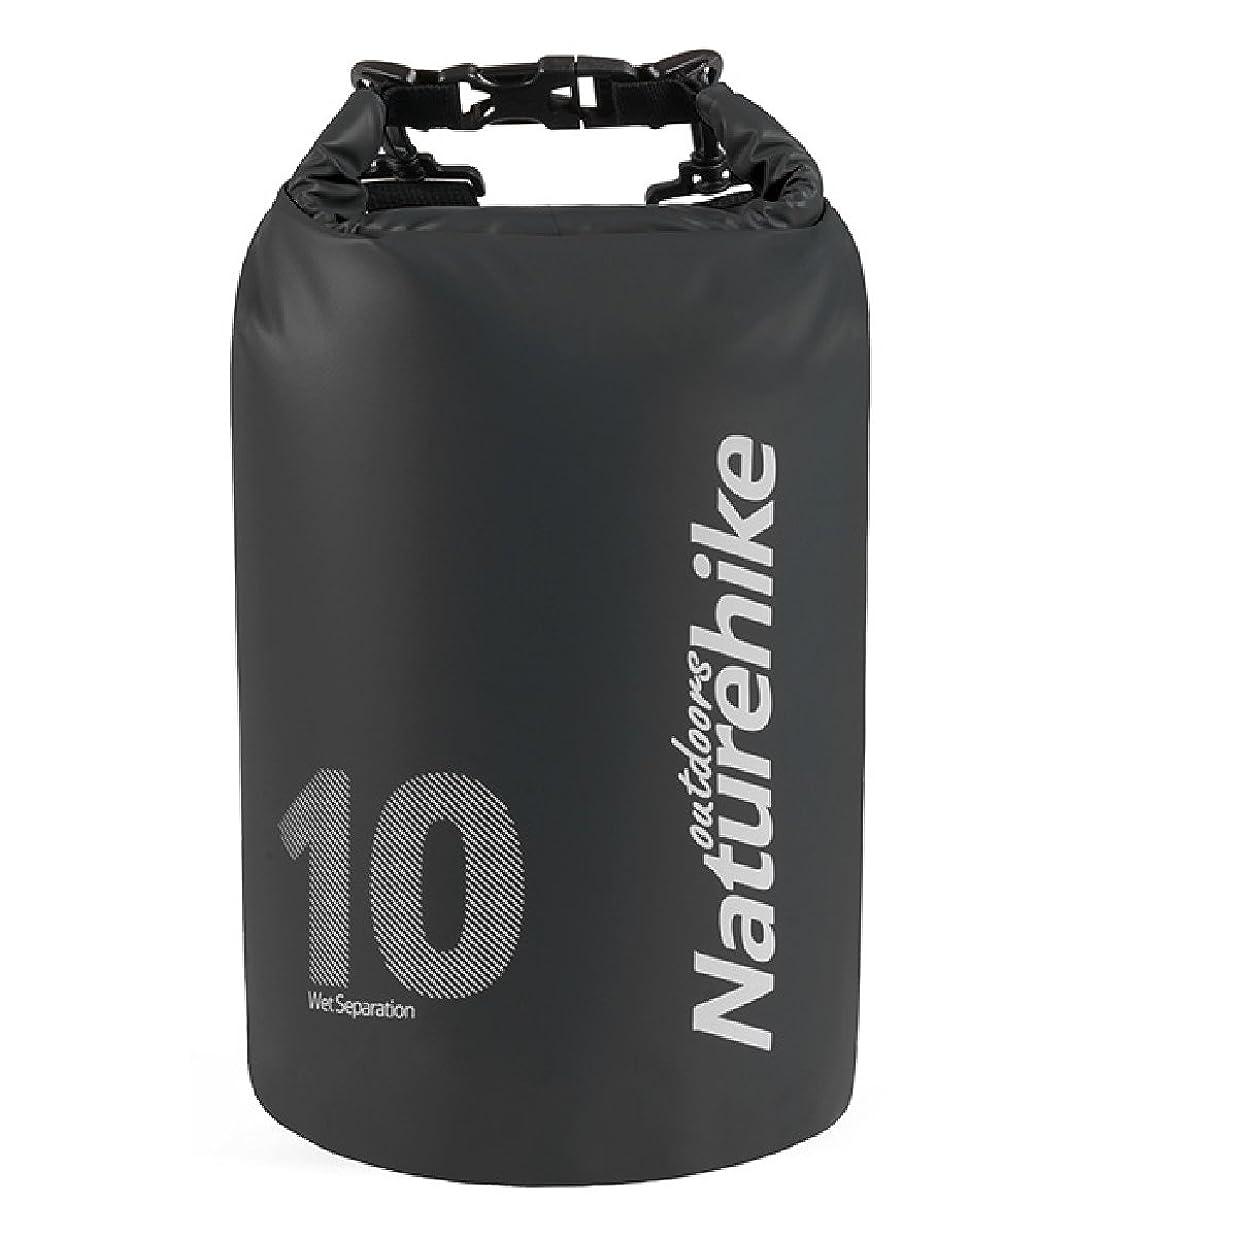 パンフレット柔らかい足隔離TRIWONDER ドライバッグ 防水バッグ 10L 15L 25L ドラム型 防災バッグ 収納袋 ウォータープルーフバッグ 「プール バイク 釣り 海 ダイビング 海水浴 登山 」リュック バック